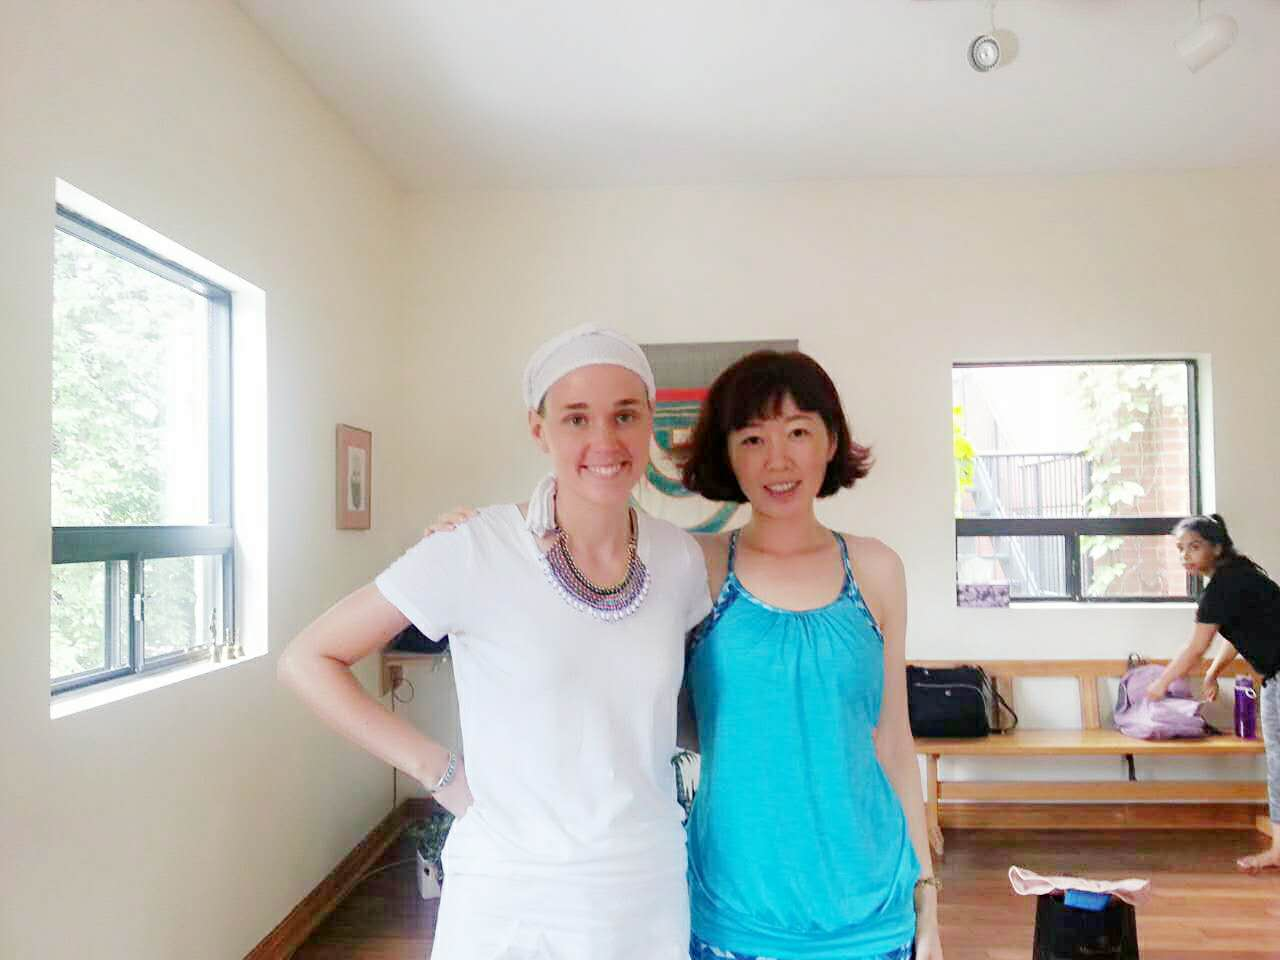 国际瑜伽导师交流、学习、授课